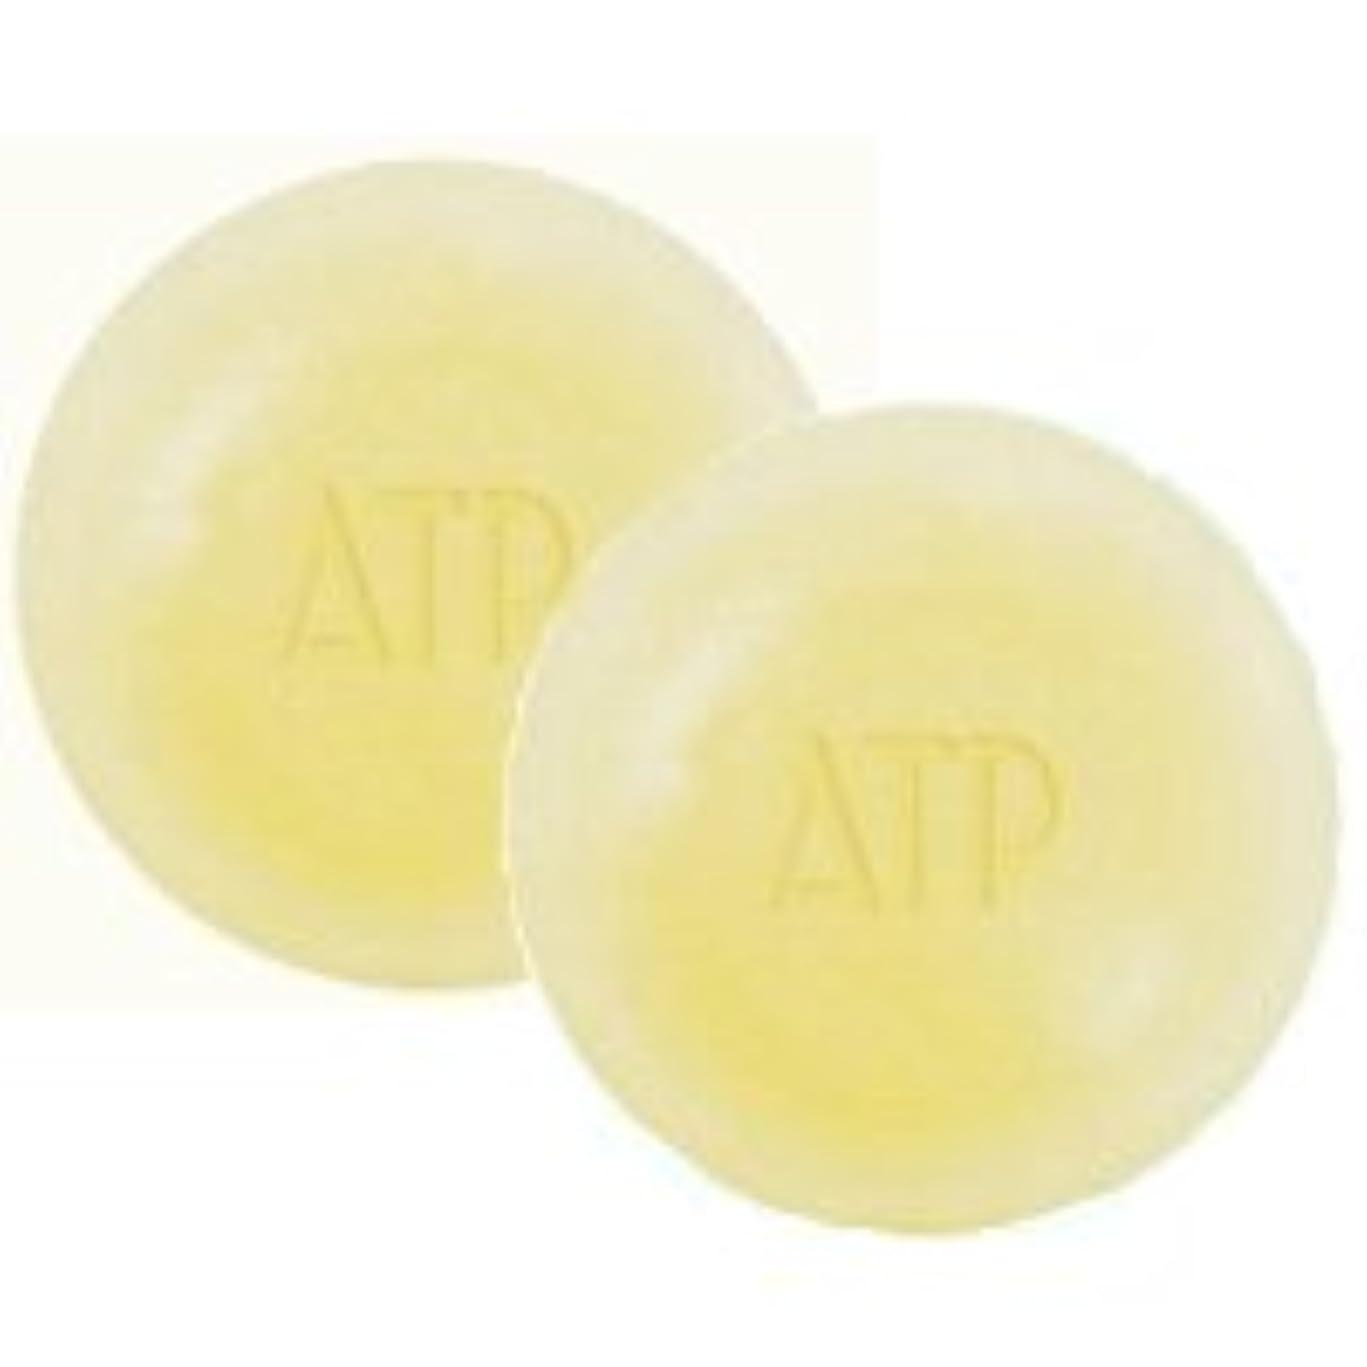 退院ニュース実質的ATPデリケアソープ 100g ケース付 2個セット